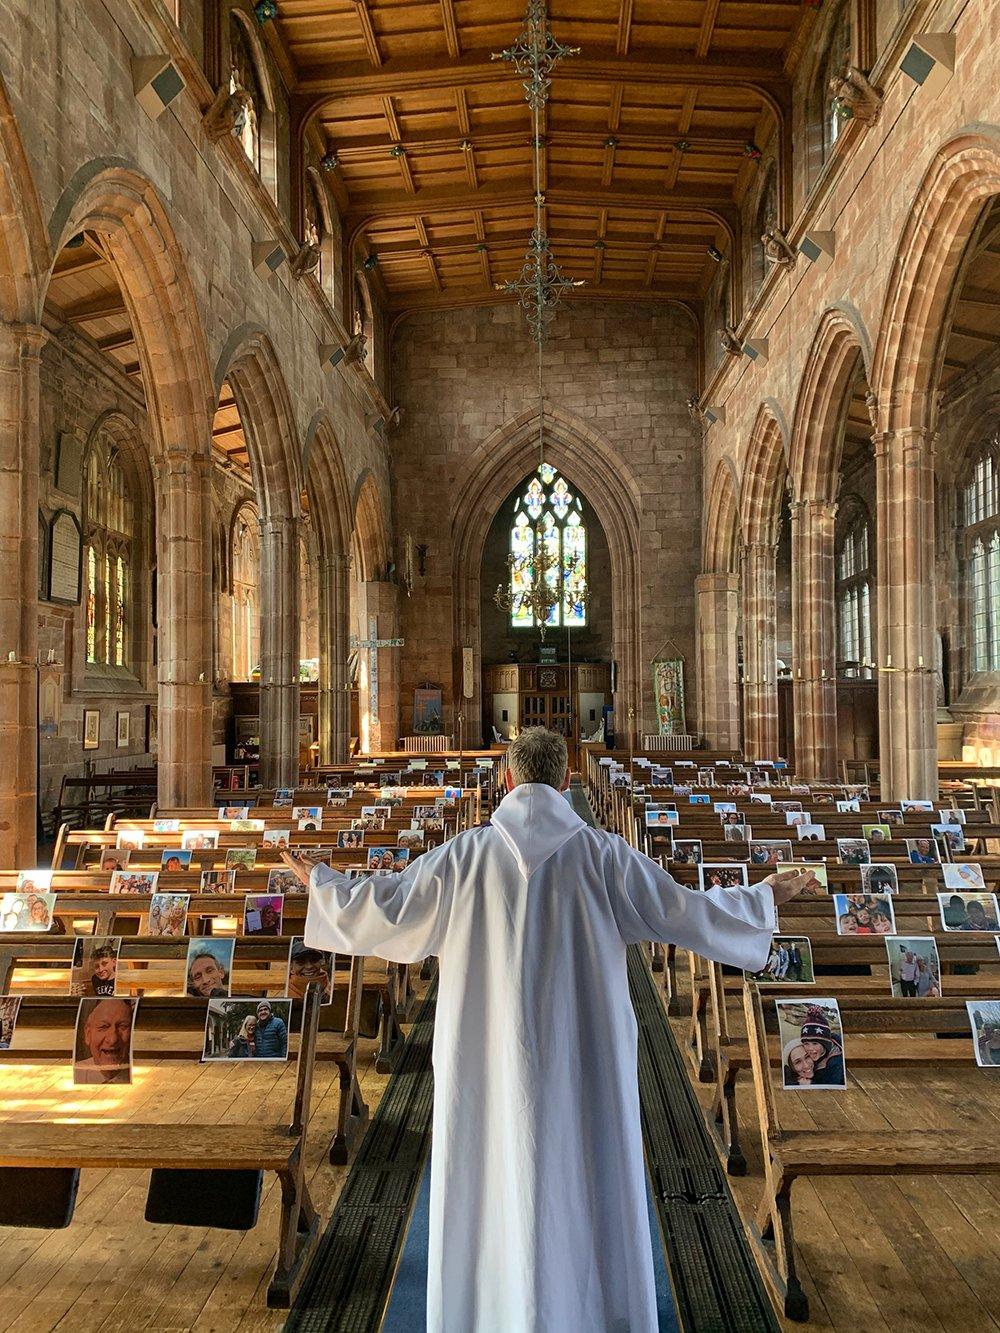 Photos arranged inside a church